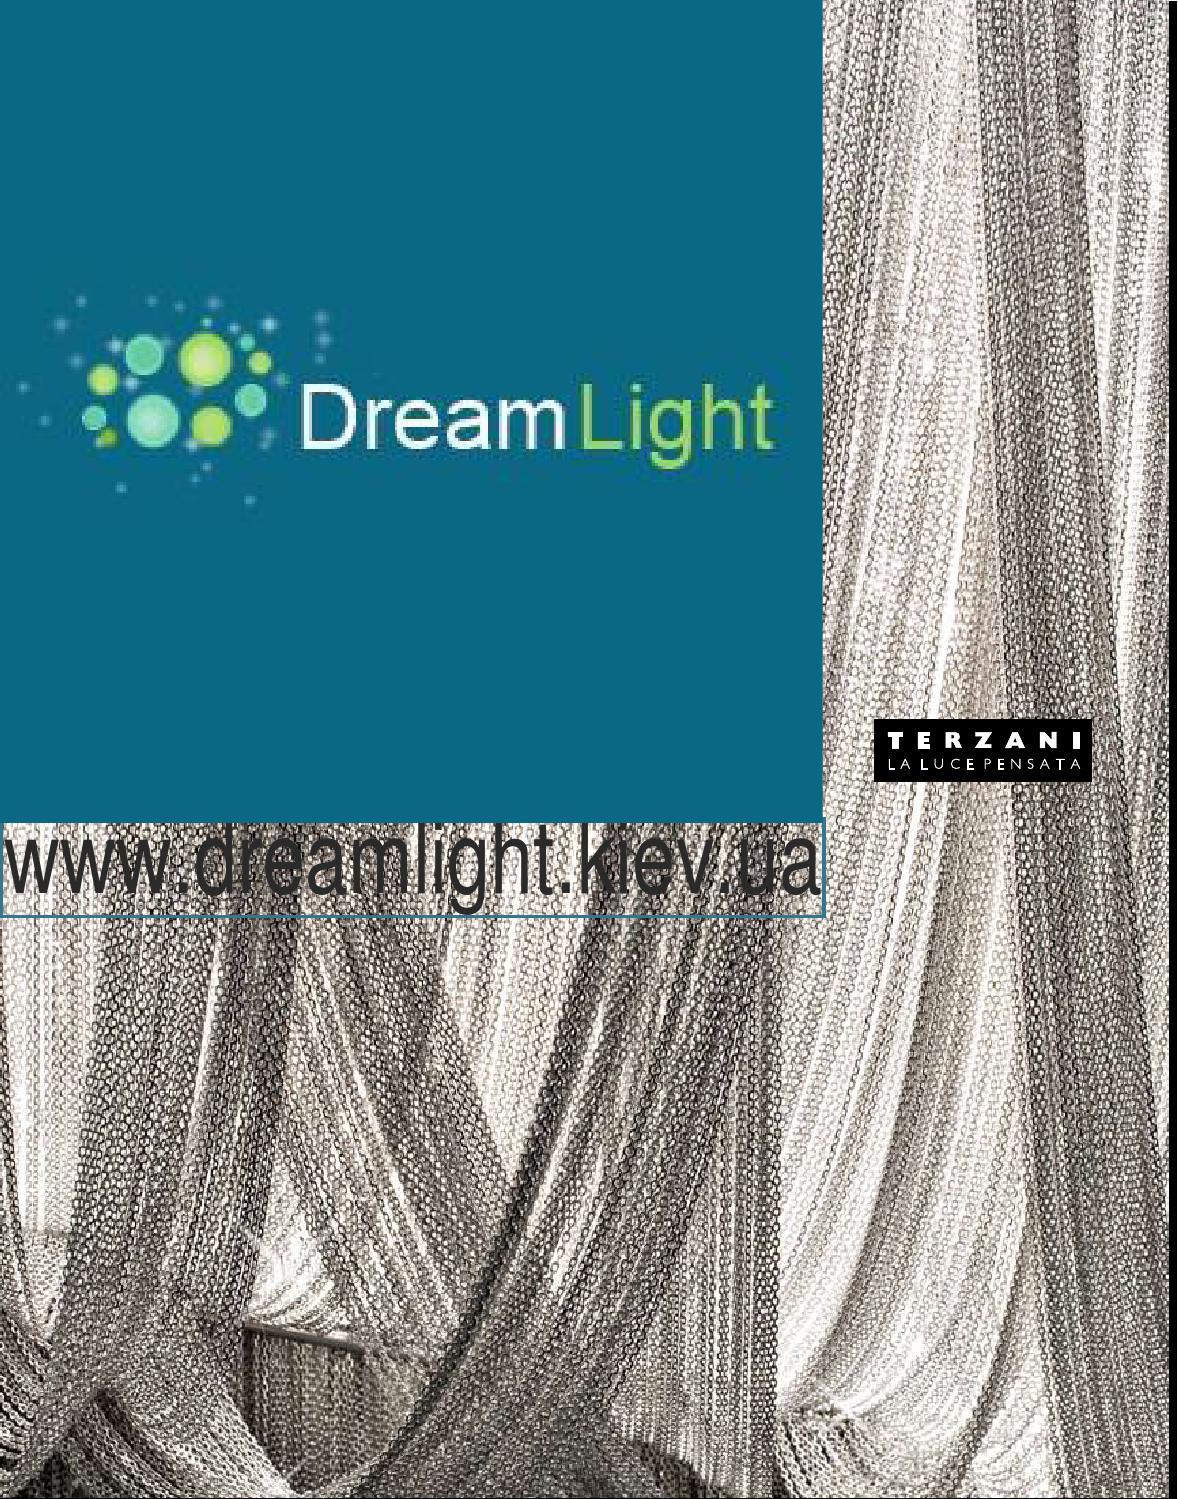 Terzani precious project by www dreamlight kiev ua - issuu